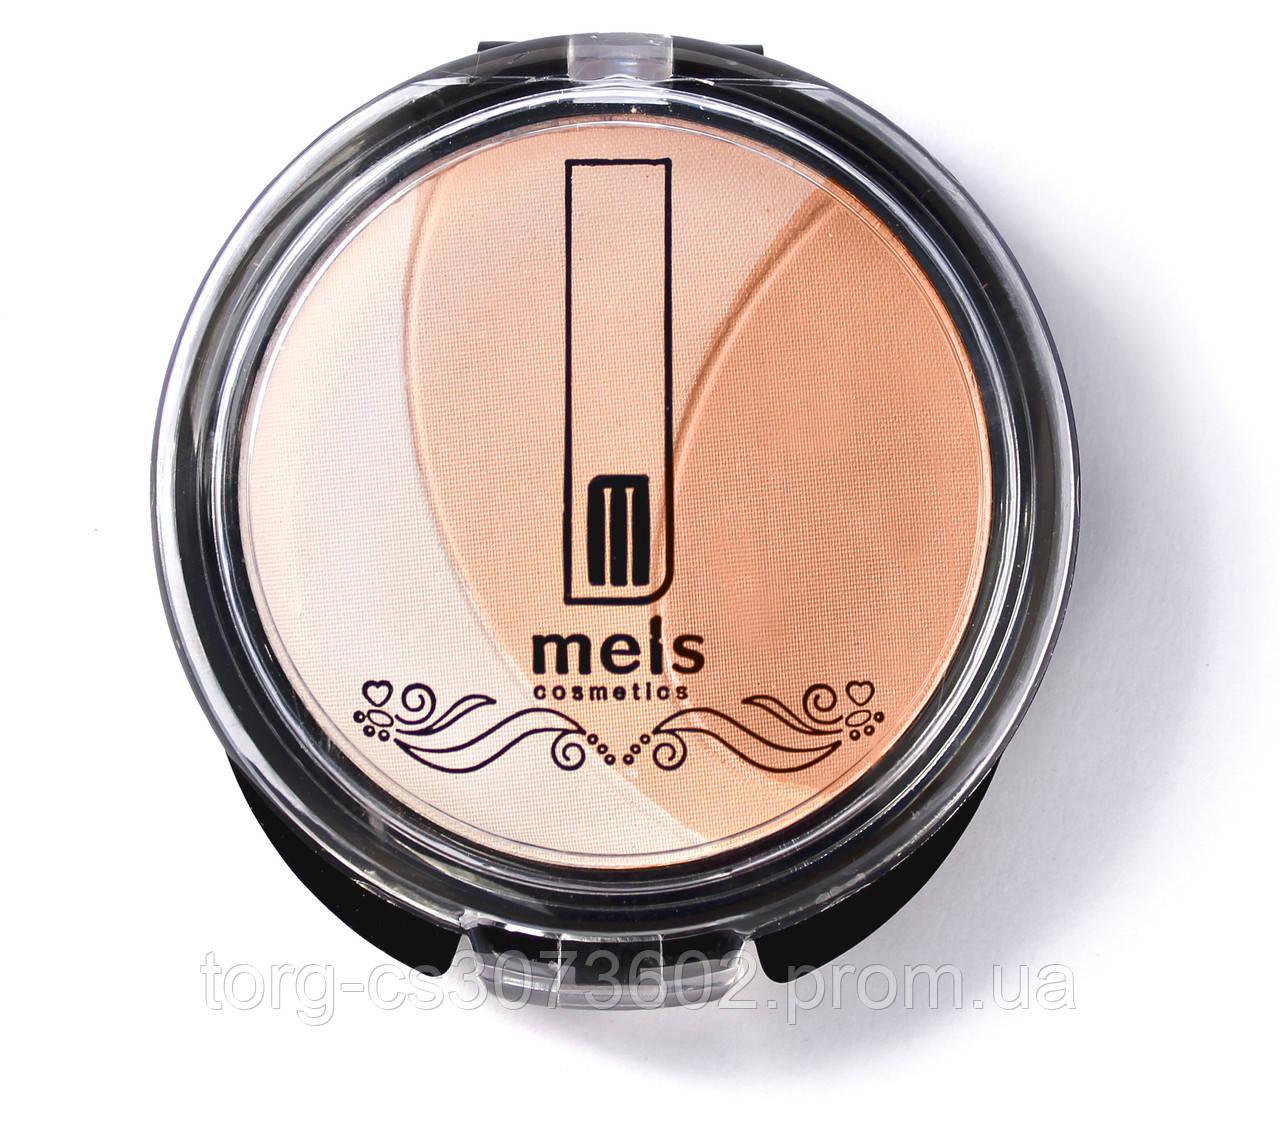 Компактная пудра Meis MS008